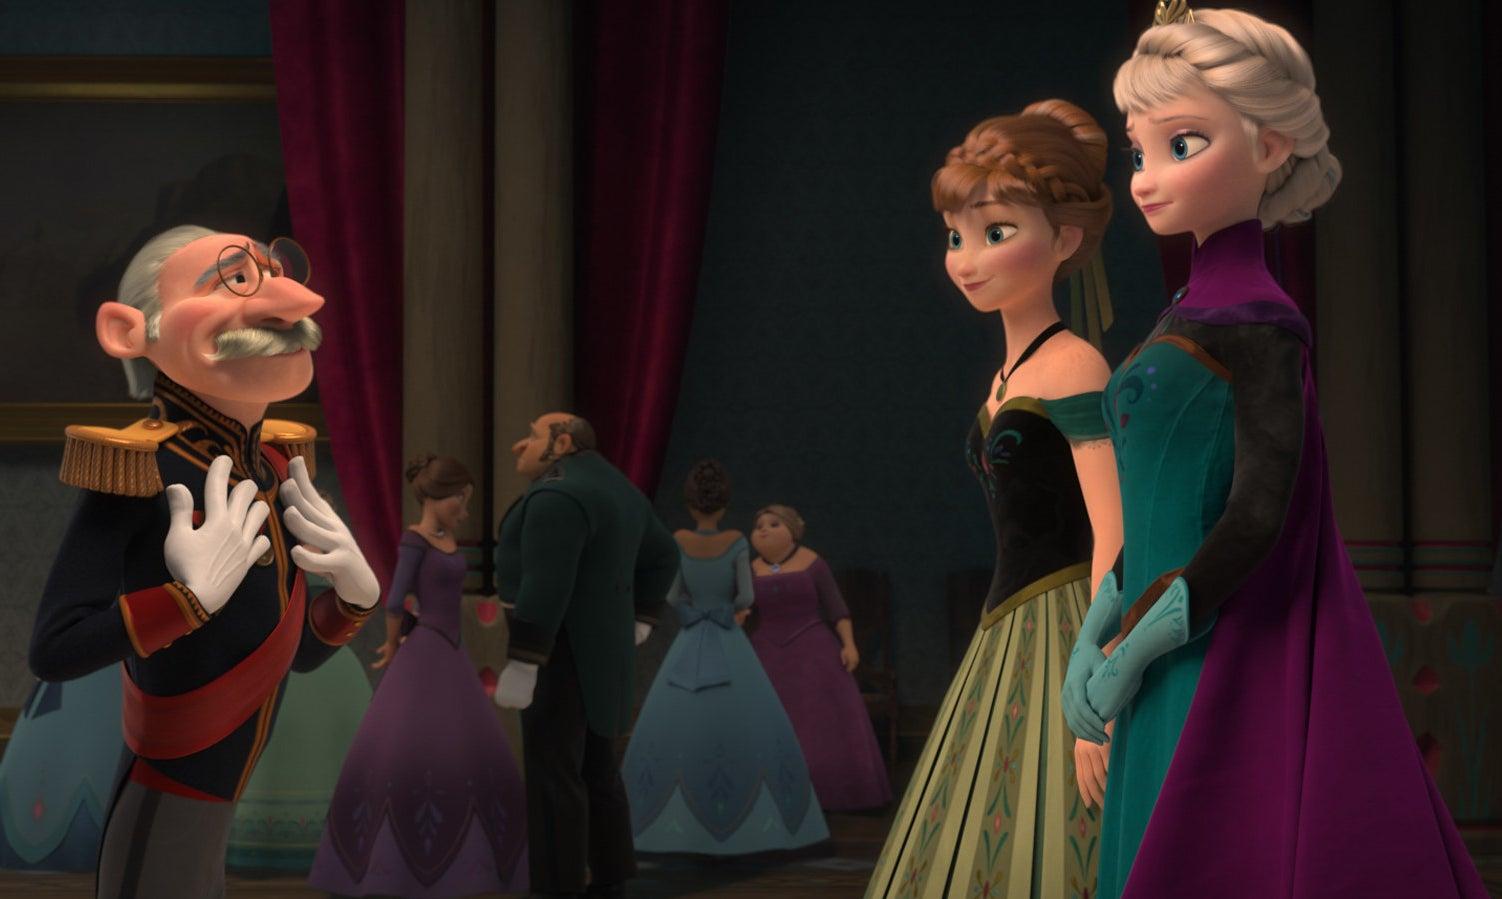 Elsa and Anna speak to the Duke